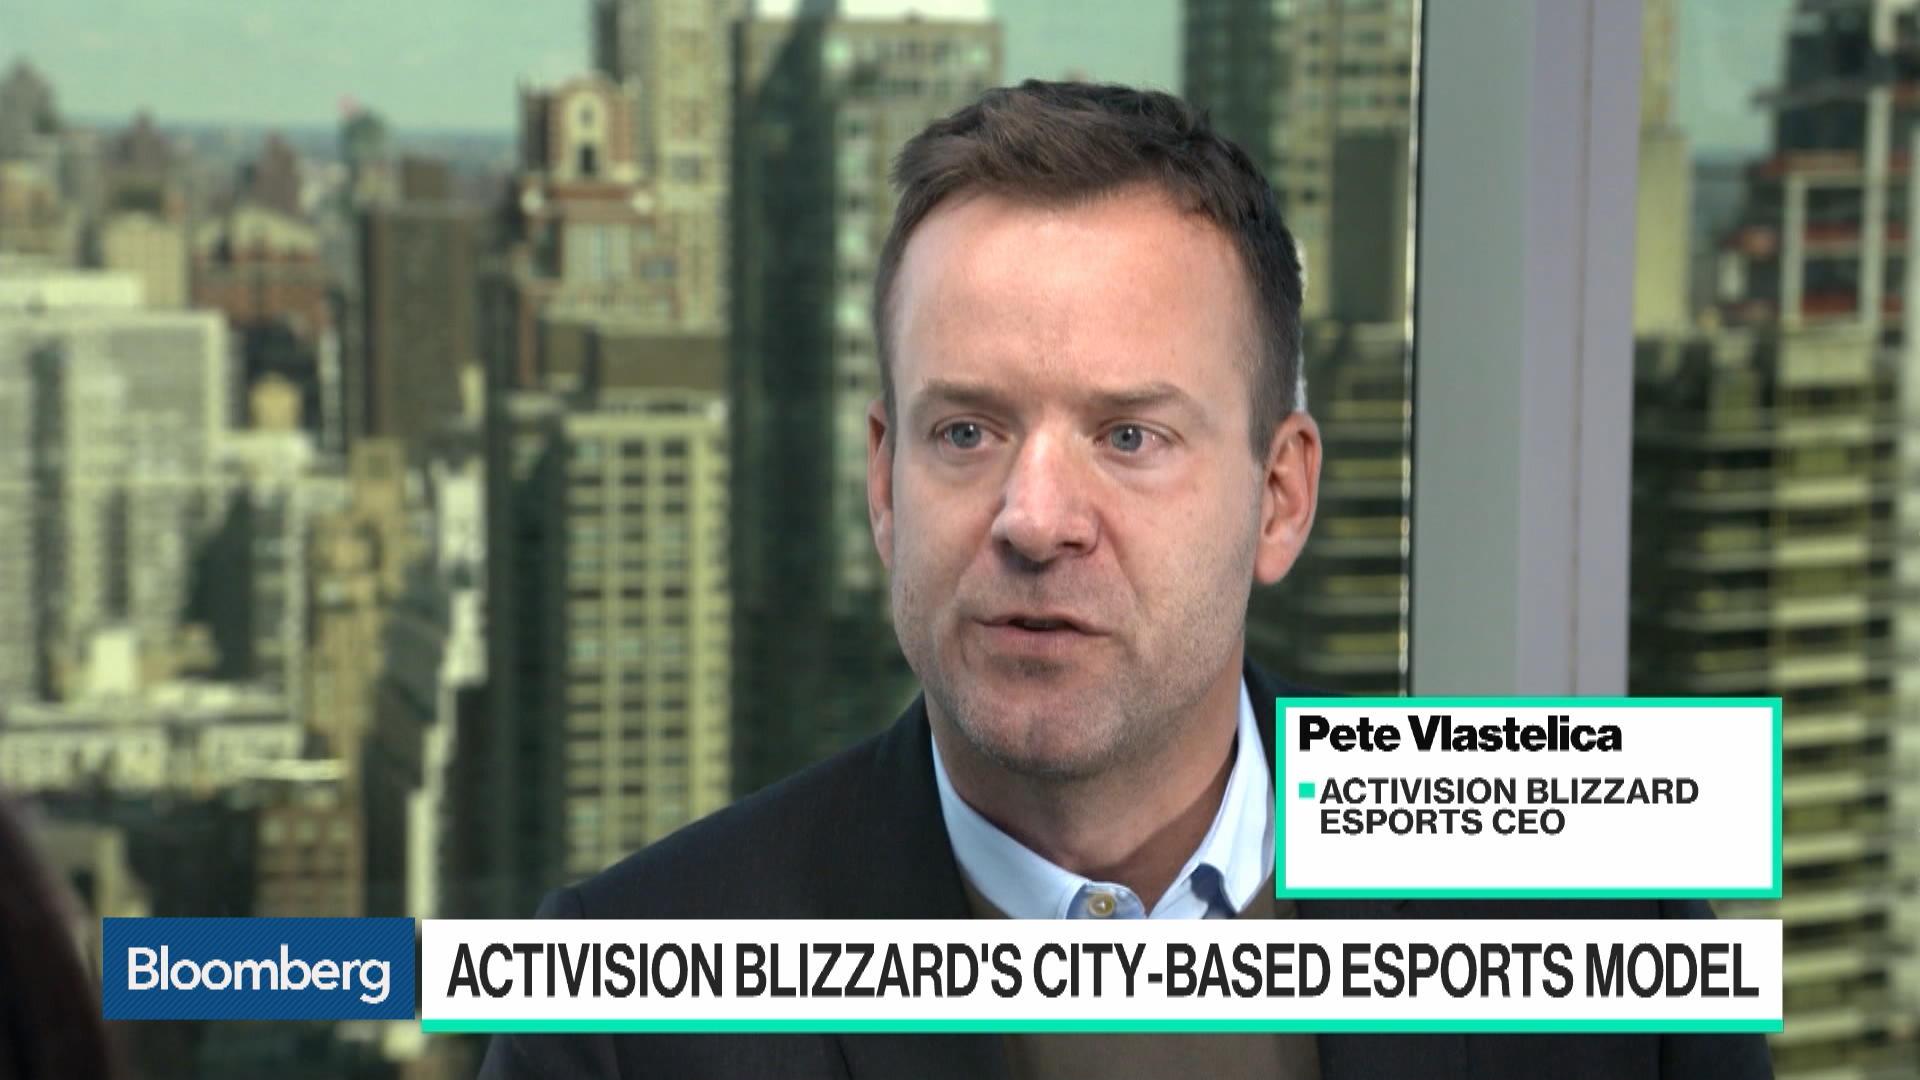 ATVI:NASDAQ GS Stock Quote - Activision Blizzard Inc